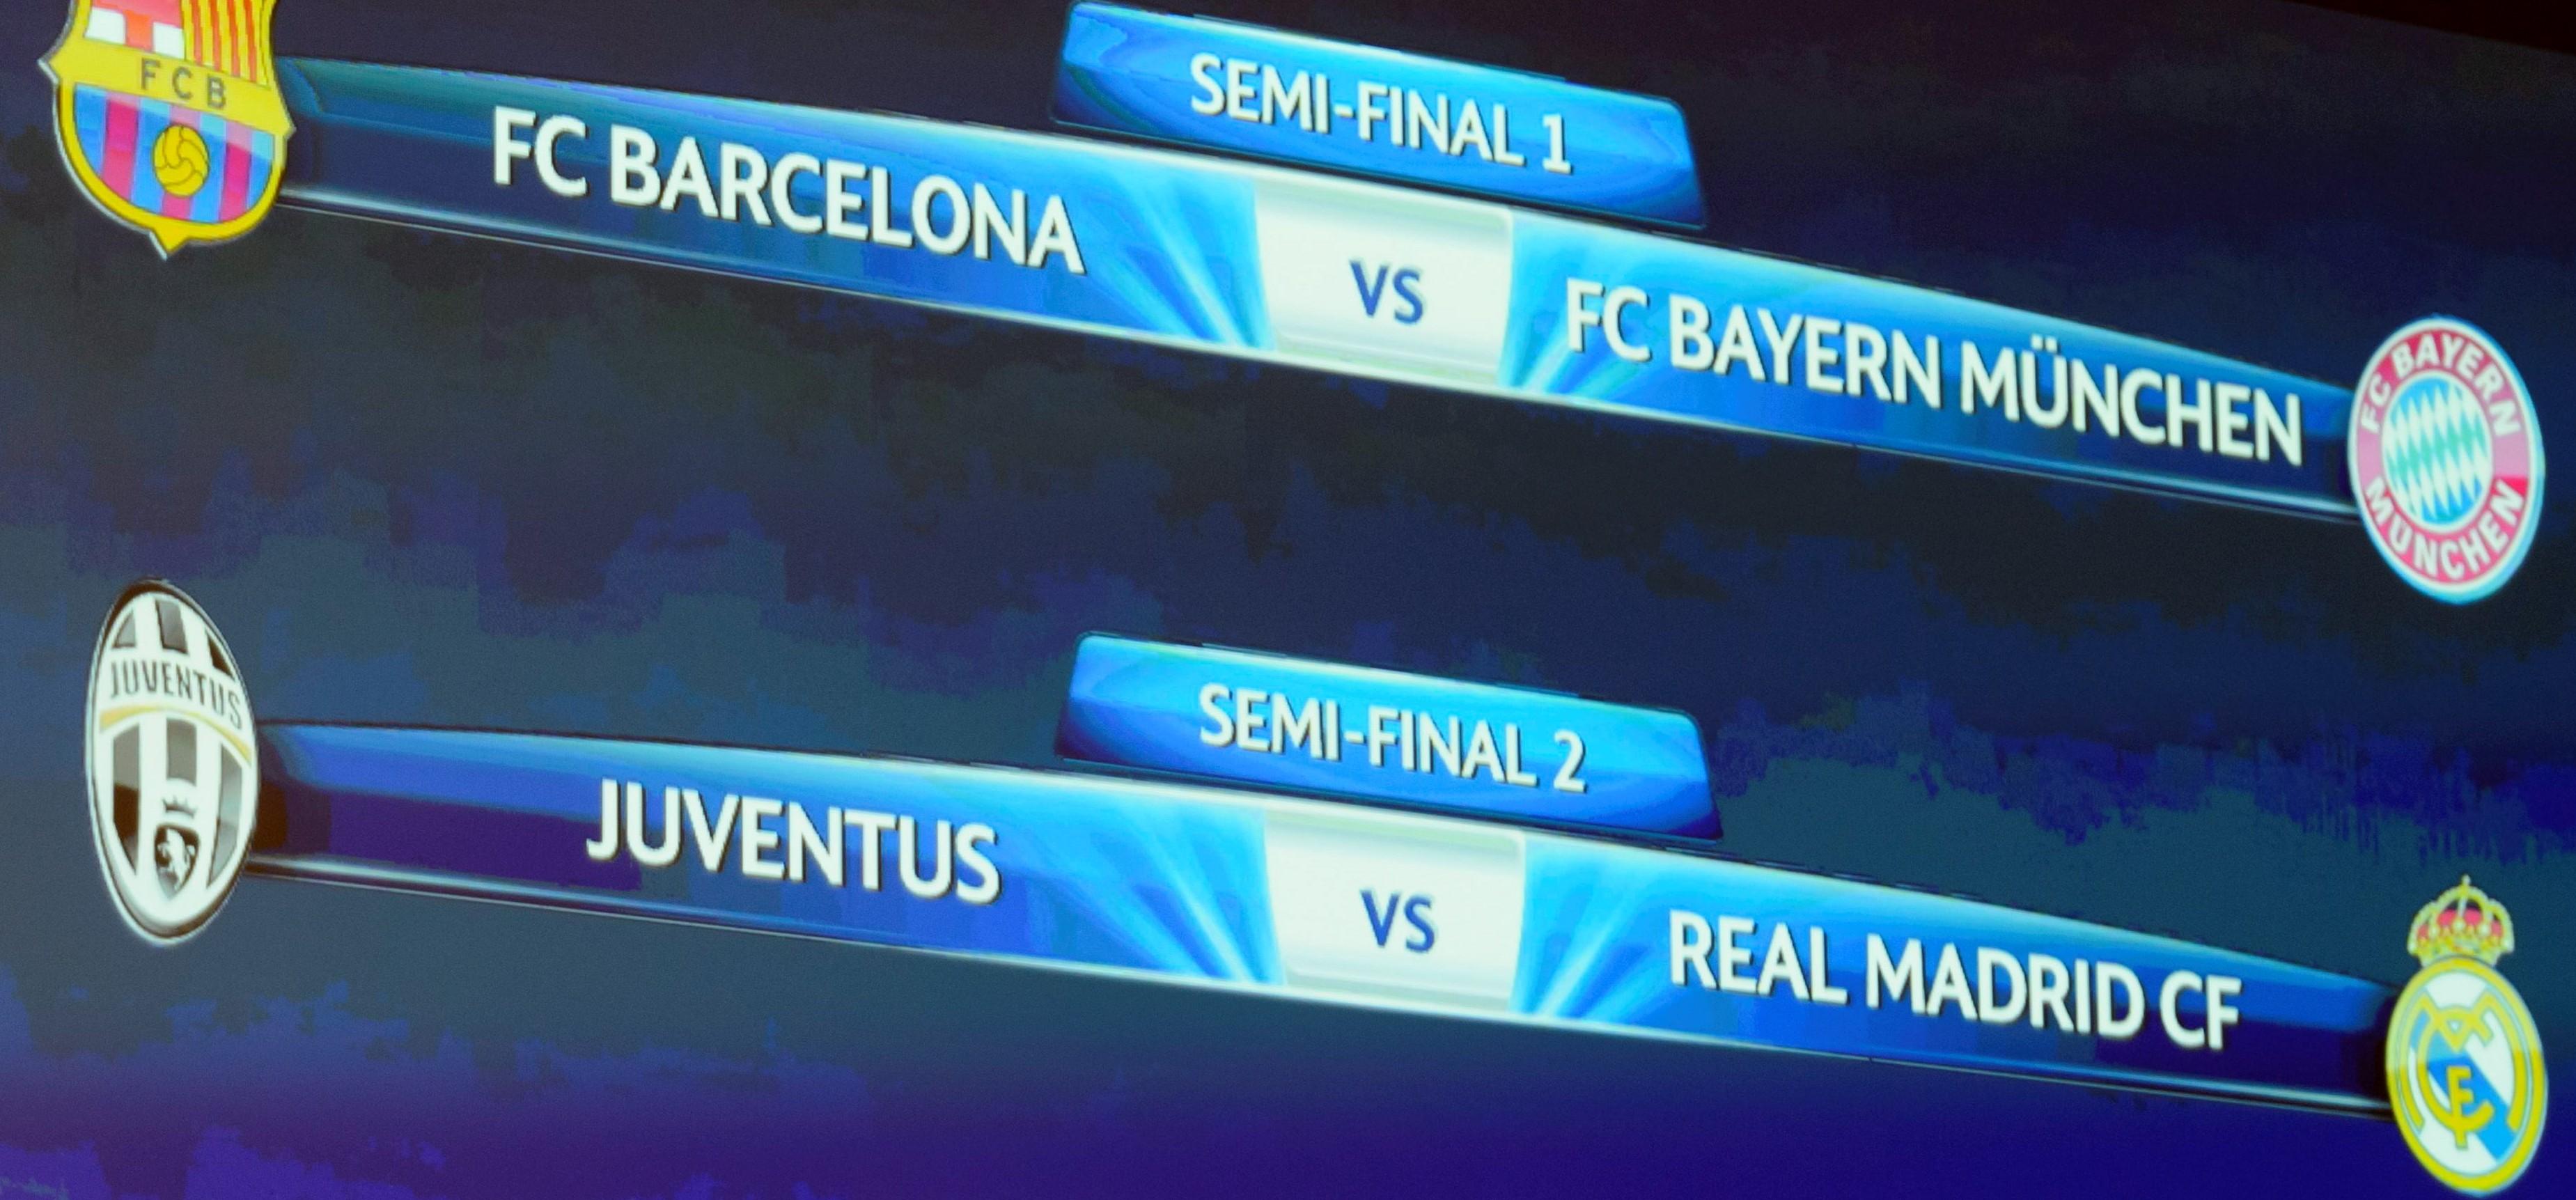 Hinspiel in Barcelona, Rückspiel in München. So sieht die Auslosung für Bayern aus. (Foto: dpa)